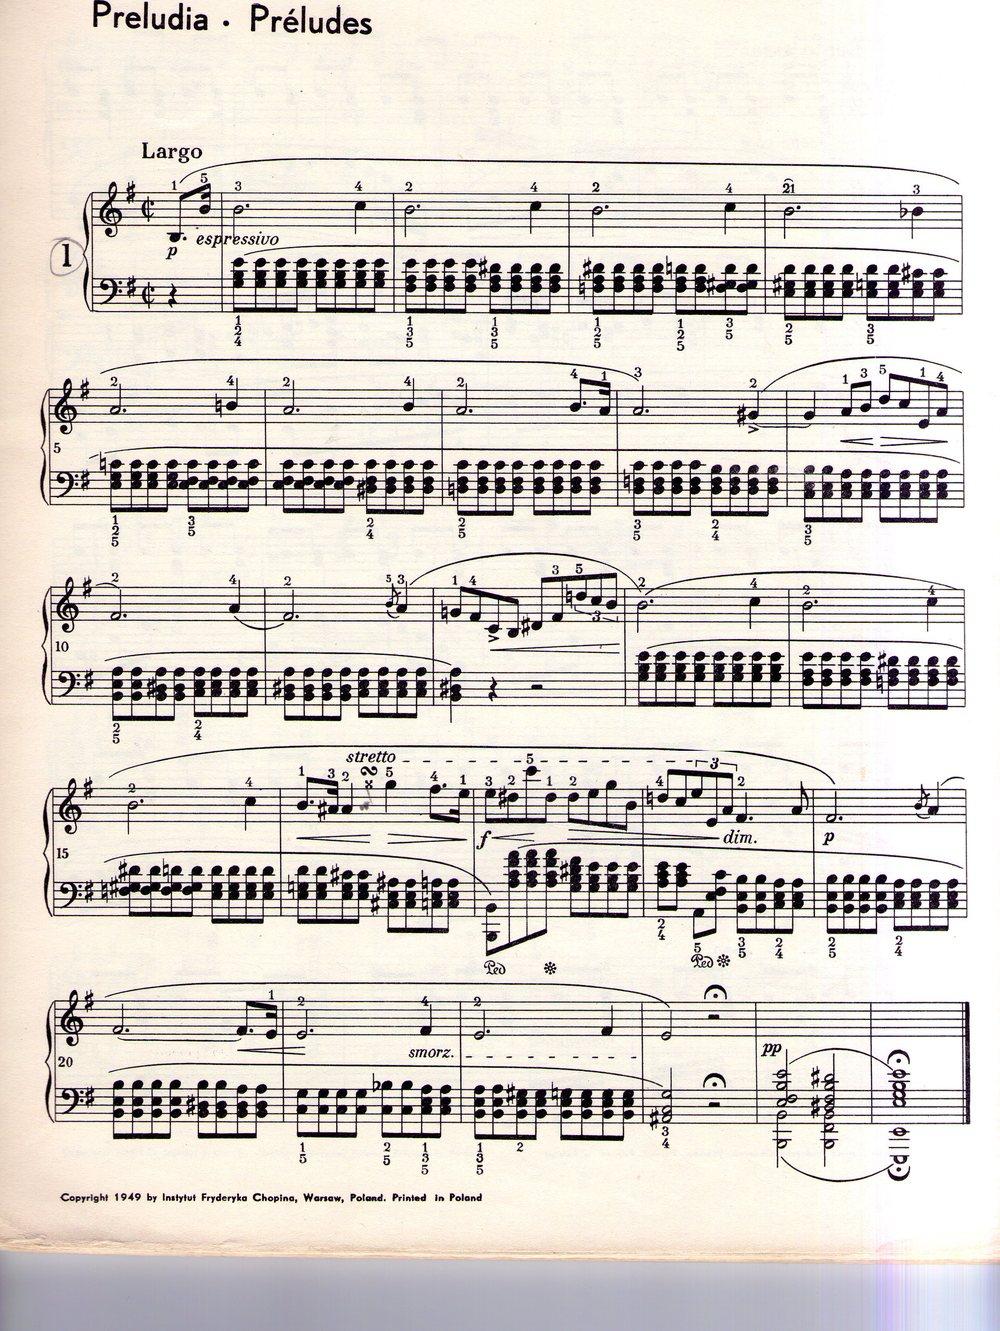 Pr lude en mi mineur f chopin piano tutoriel elpiano - Comment choisir un piano ...